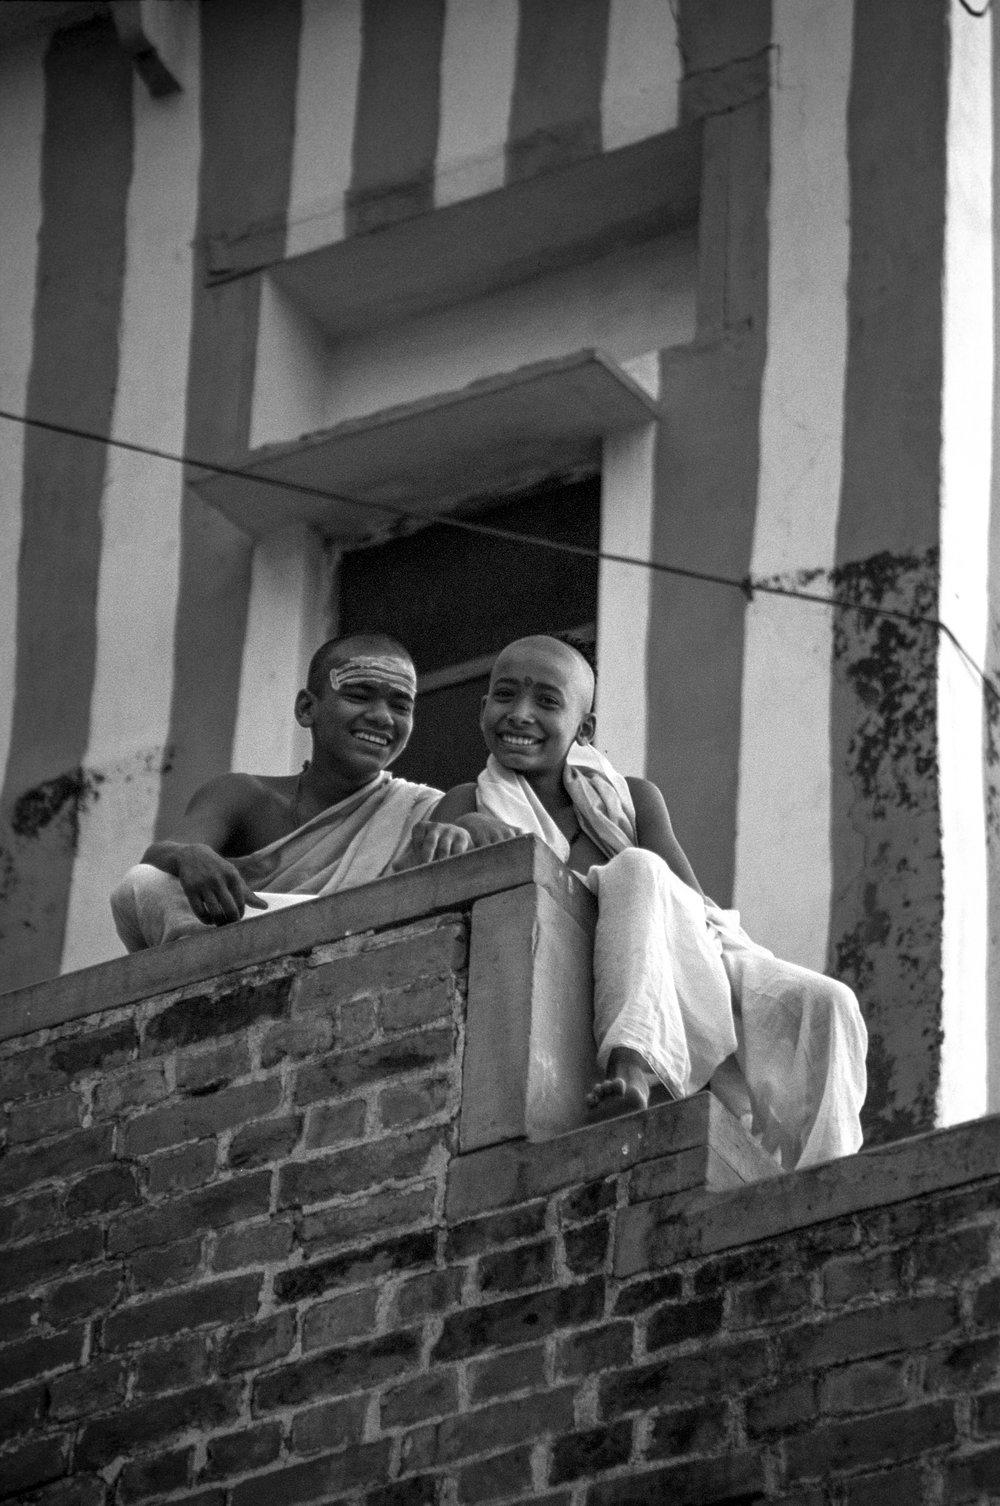 V23  Varanasi-35mm film